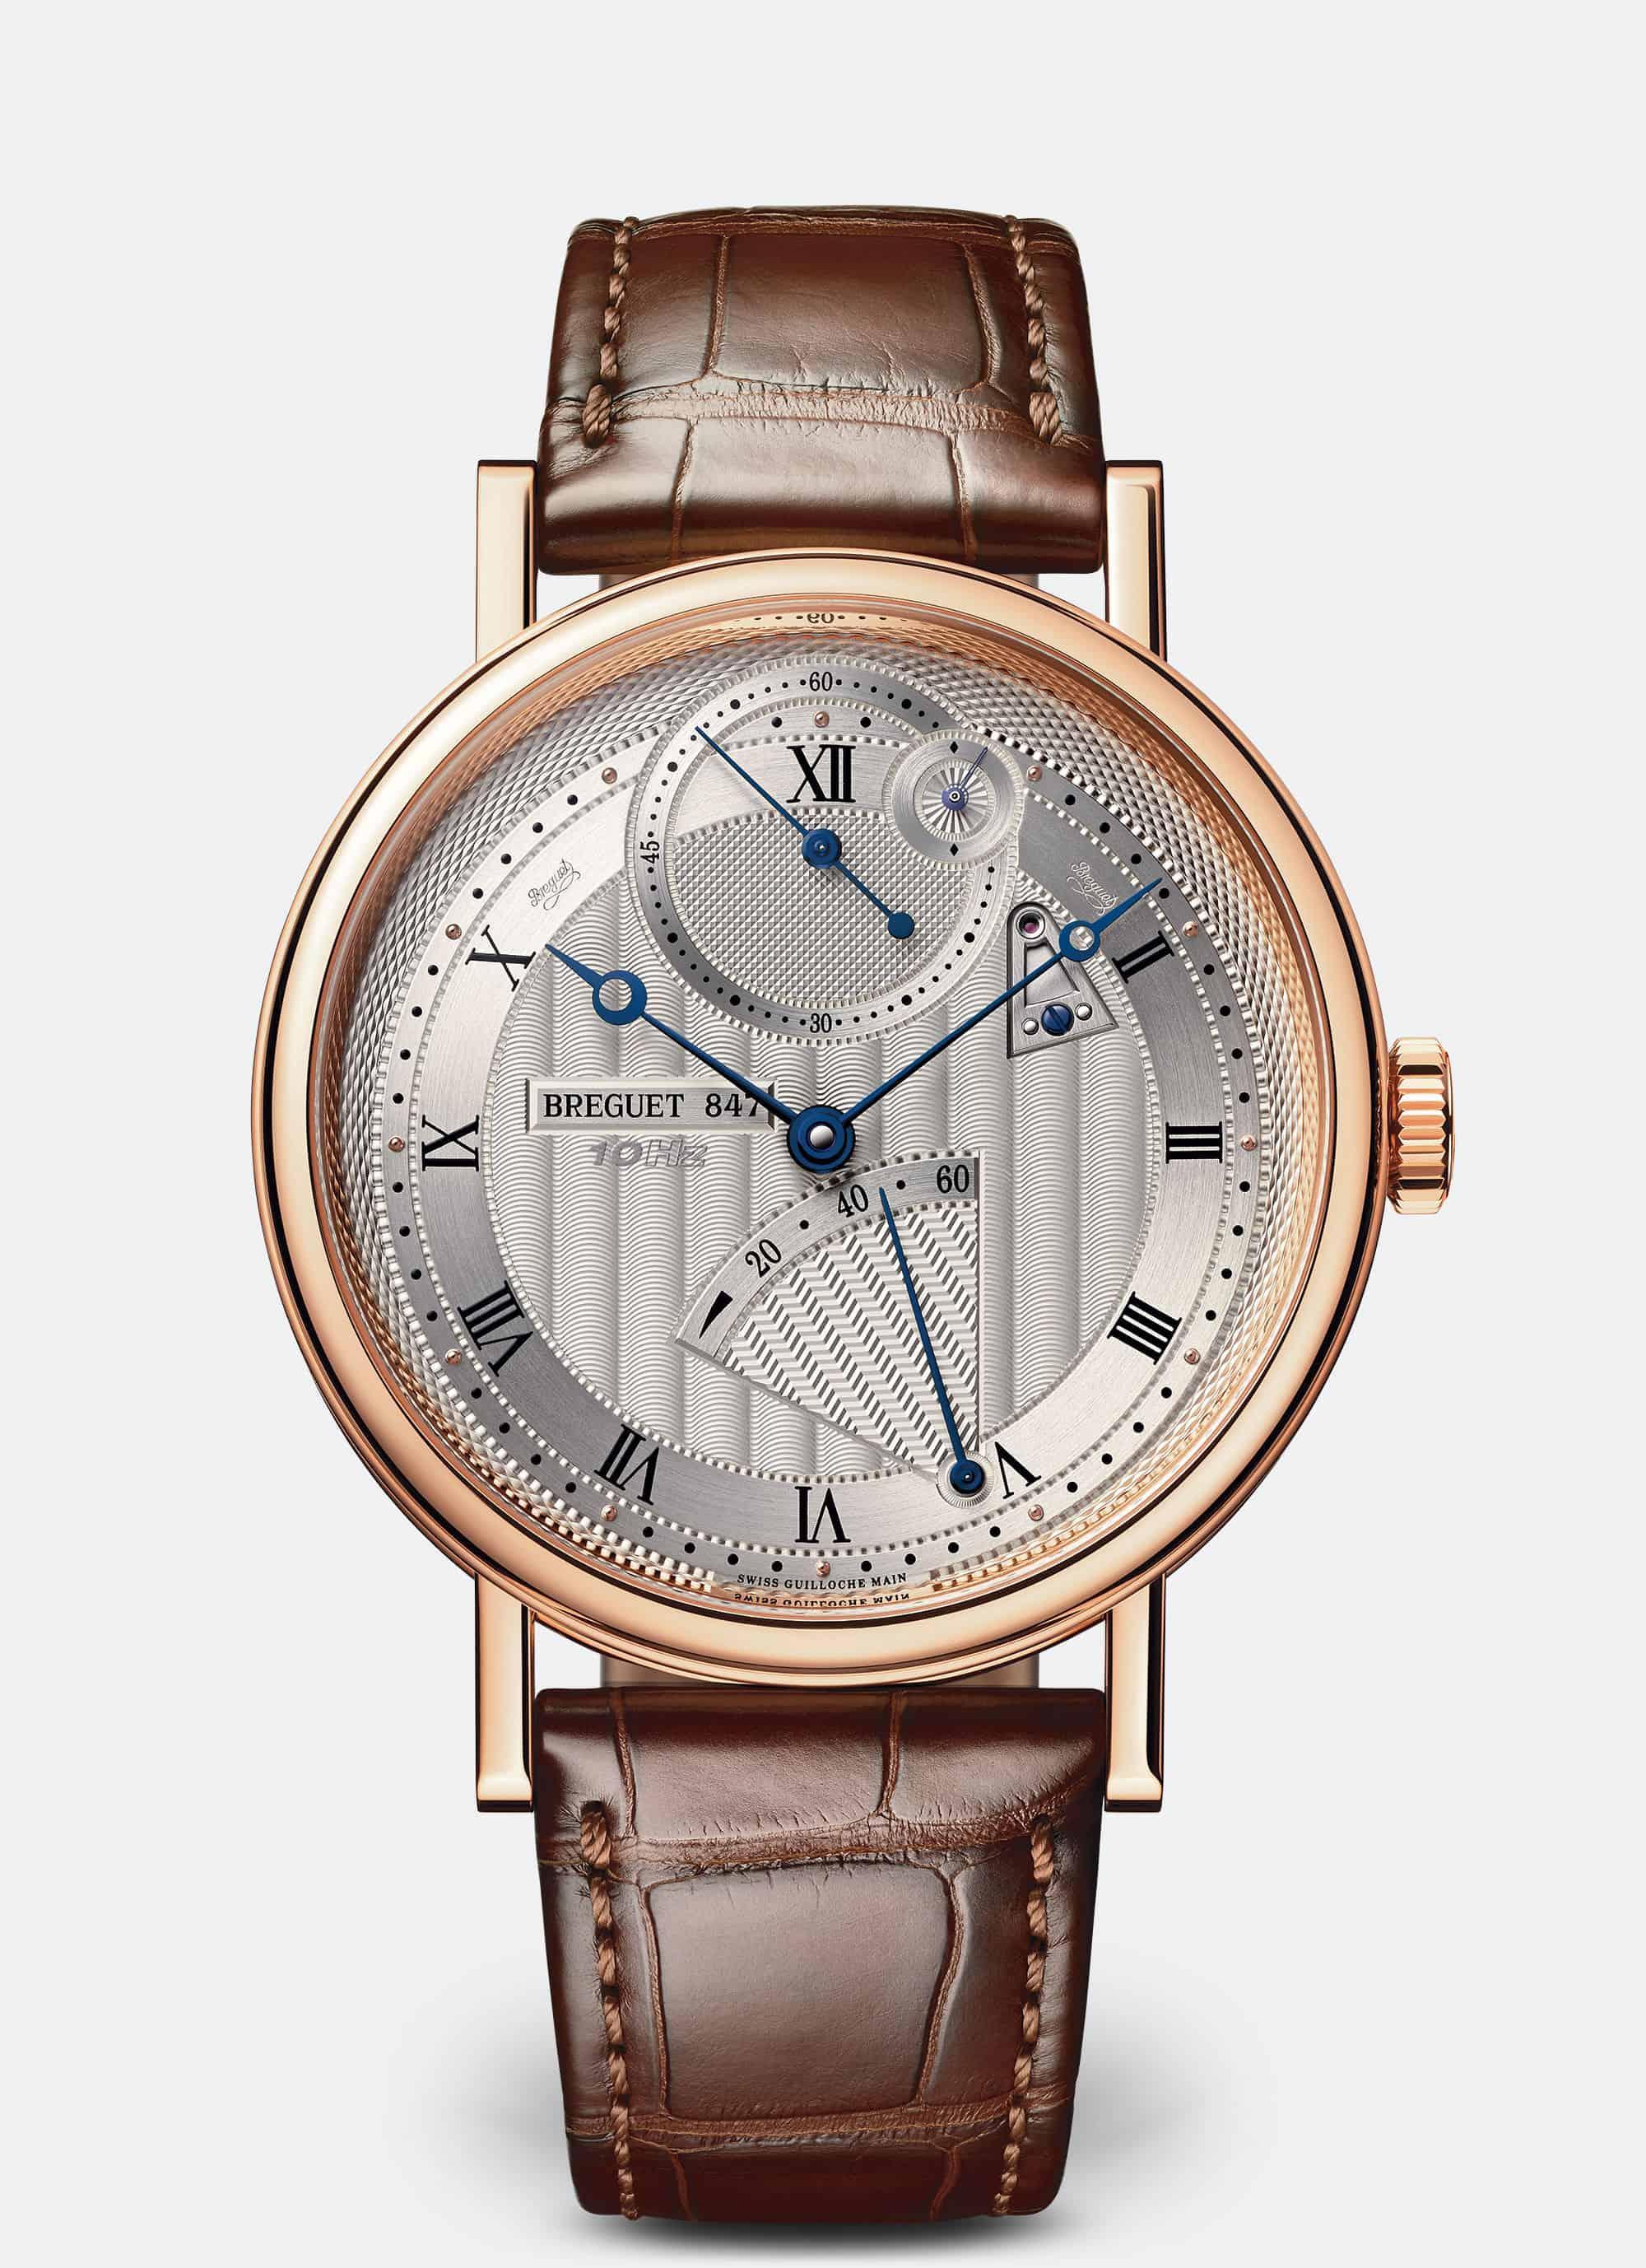 הבריגה 7727 - השעון המהיר ביותר בעולם, נכון להיום, בתדר של 72,000 פעימות בשעה